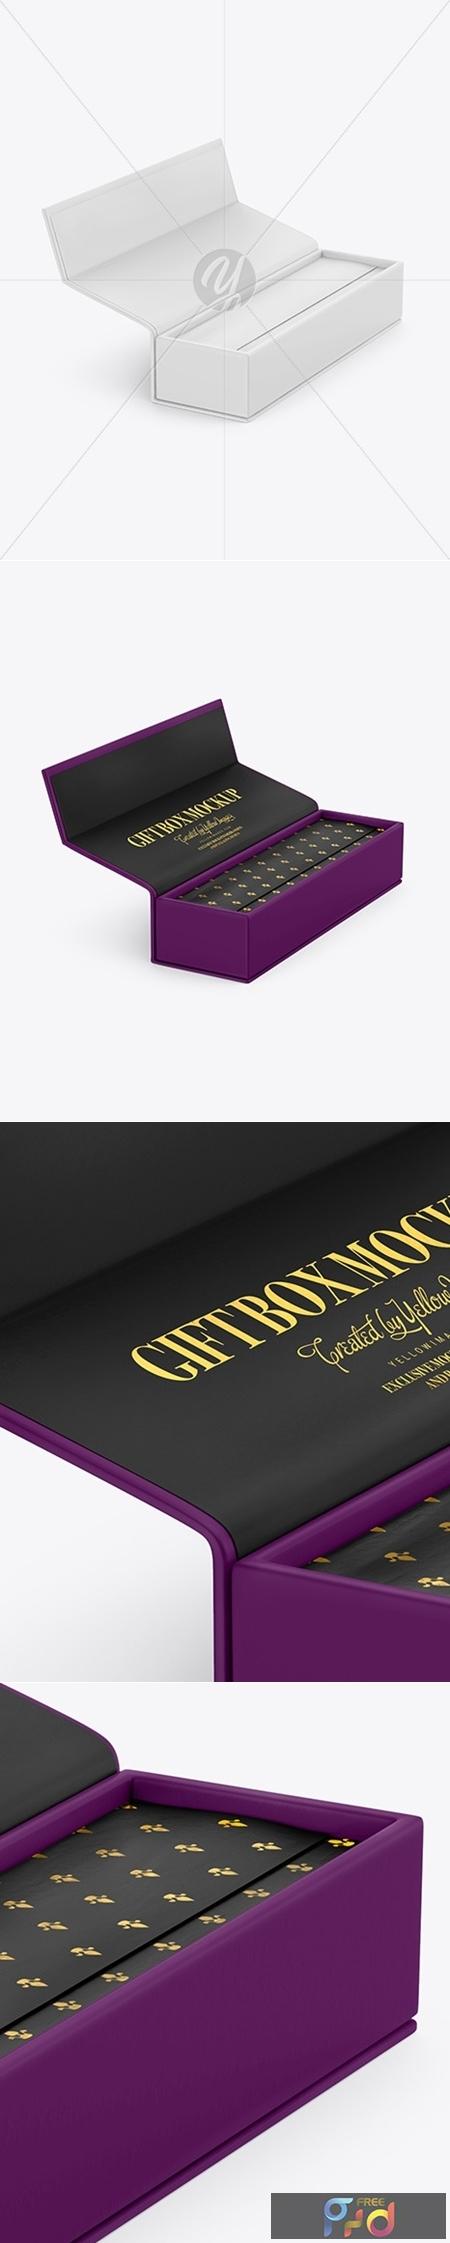 Opened Matte Box Mockup 51616 1